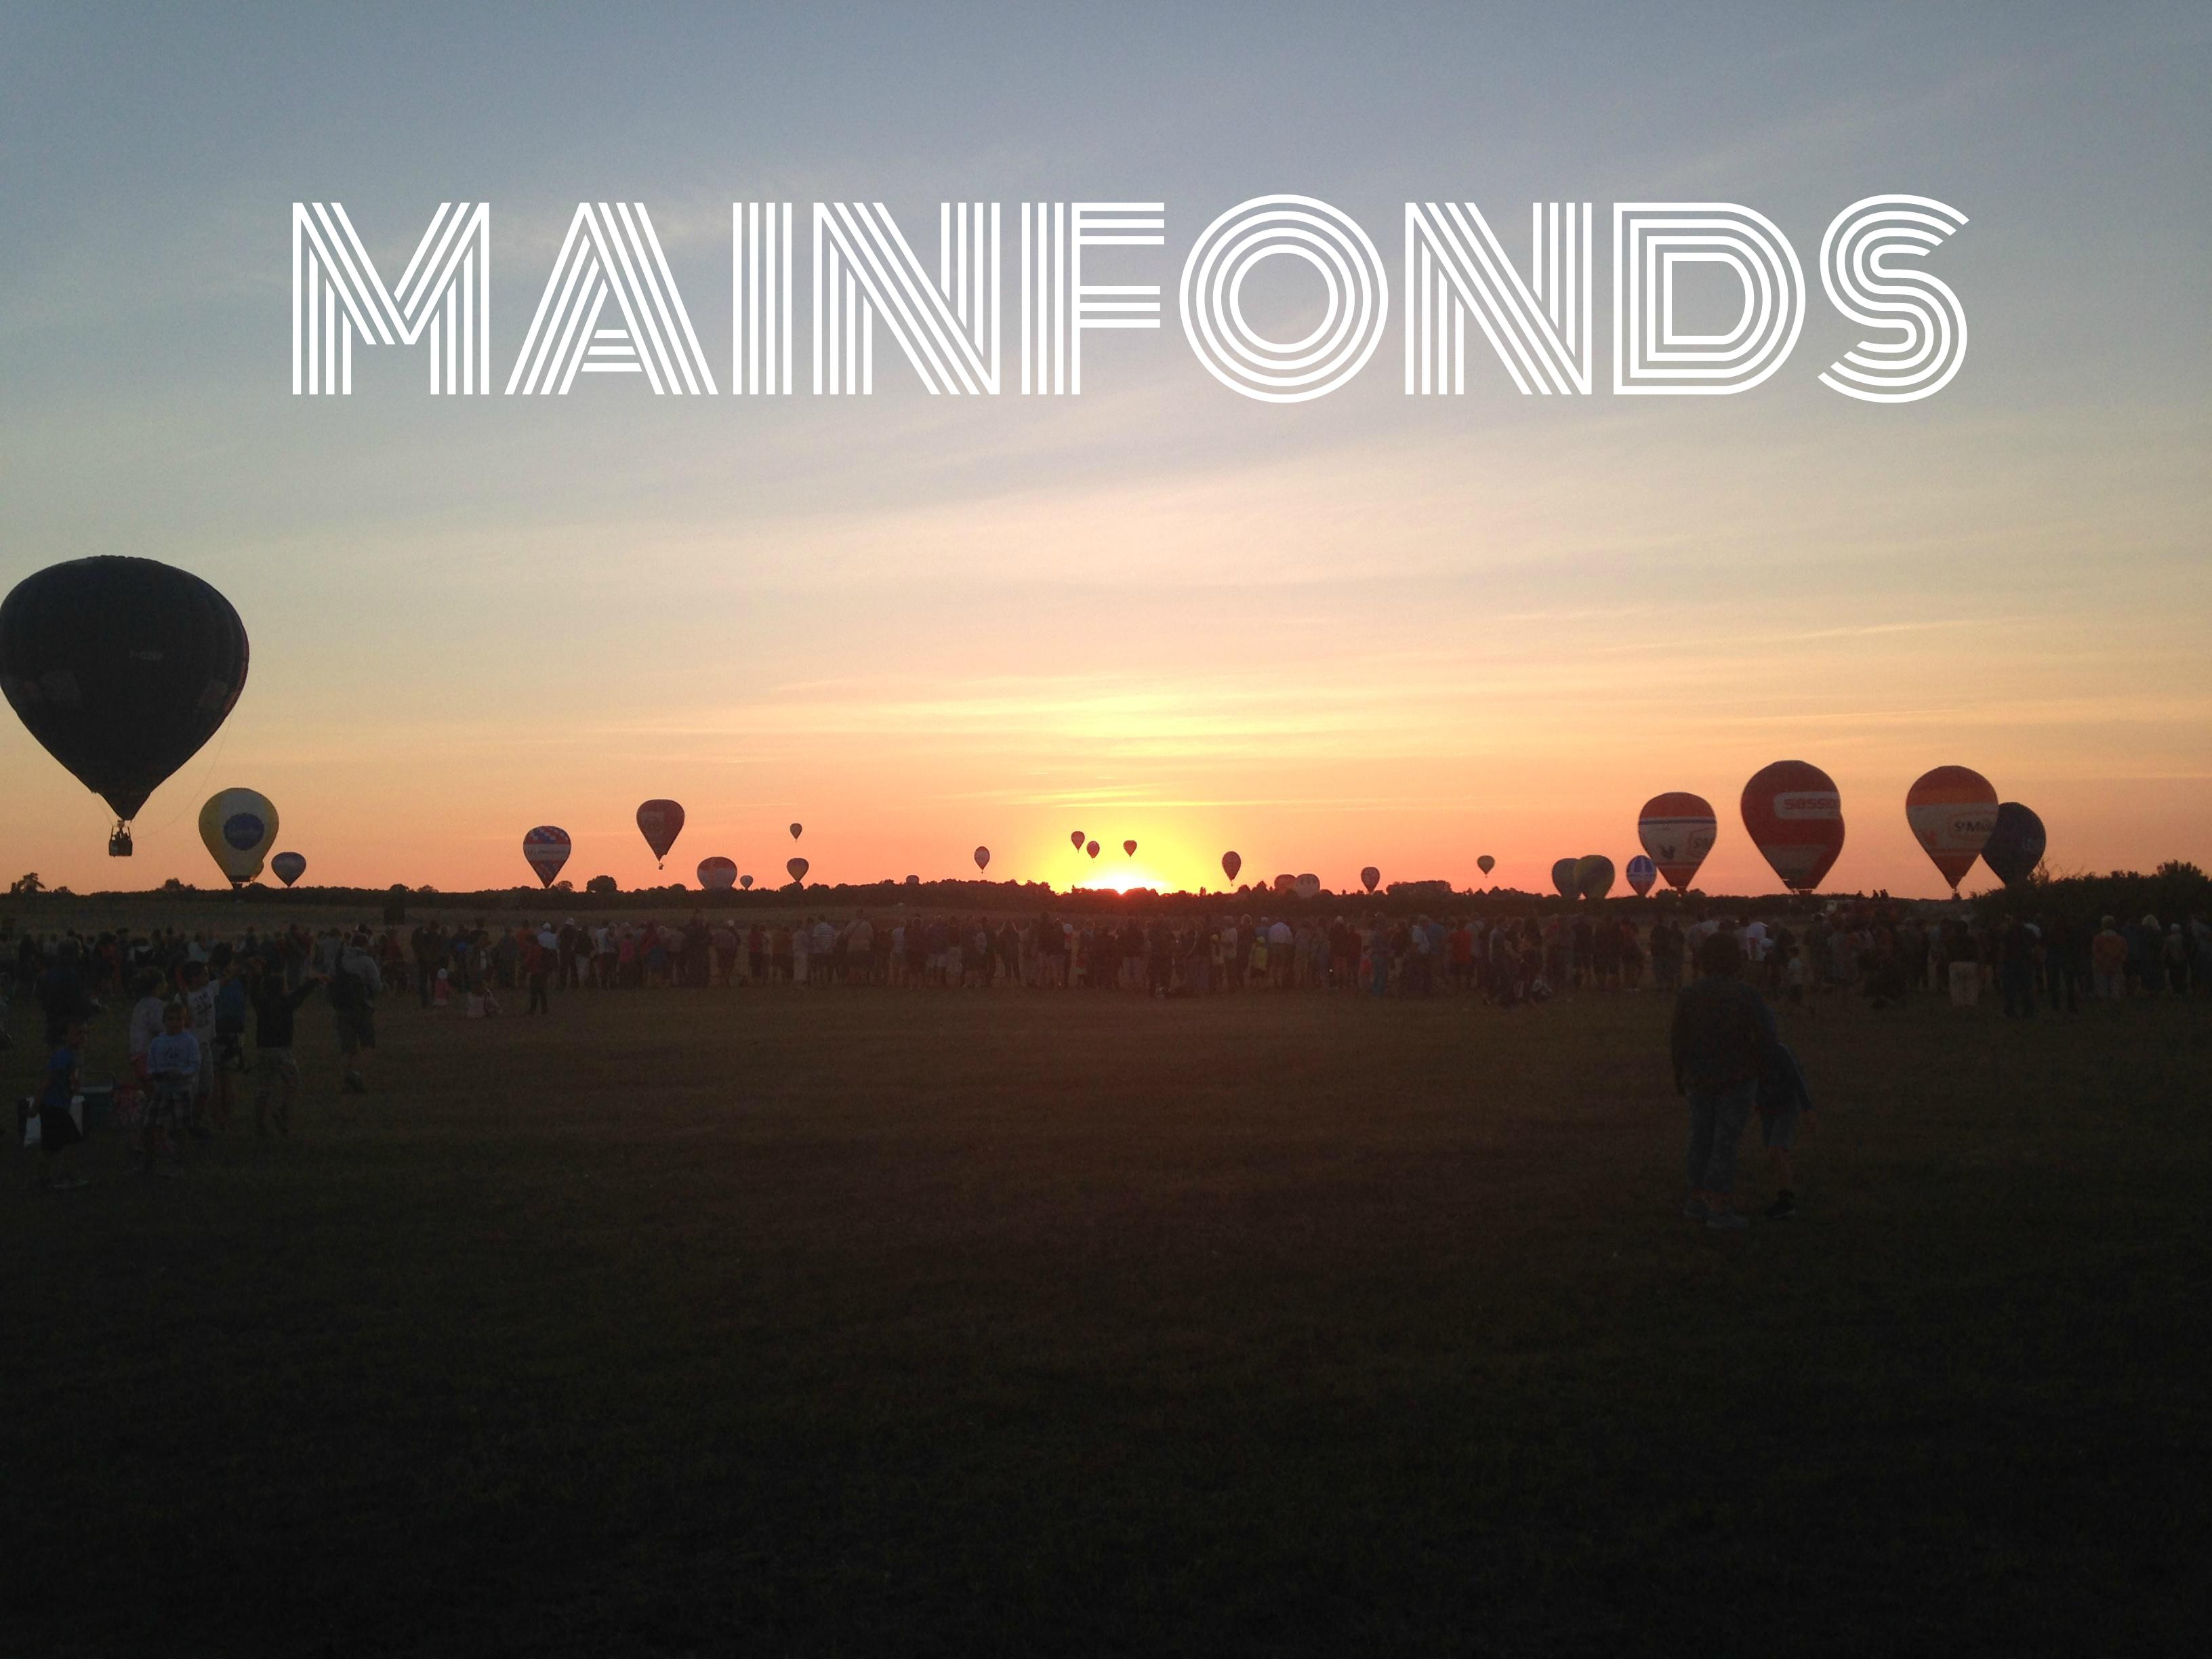 Mainfonds montgolfières blog voyage les p'tits touristes image de garde